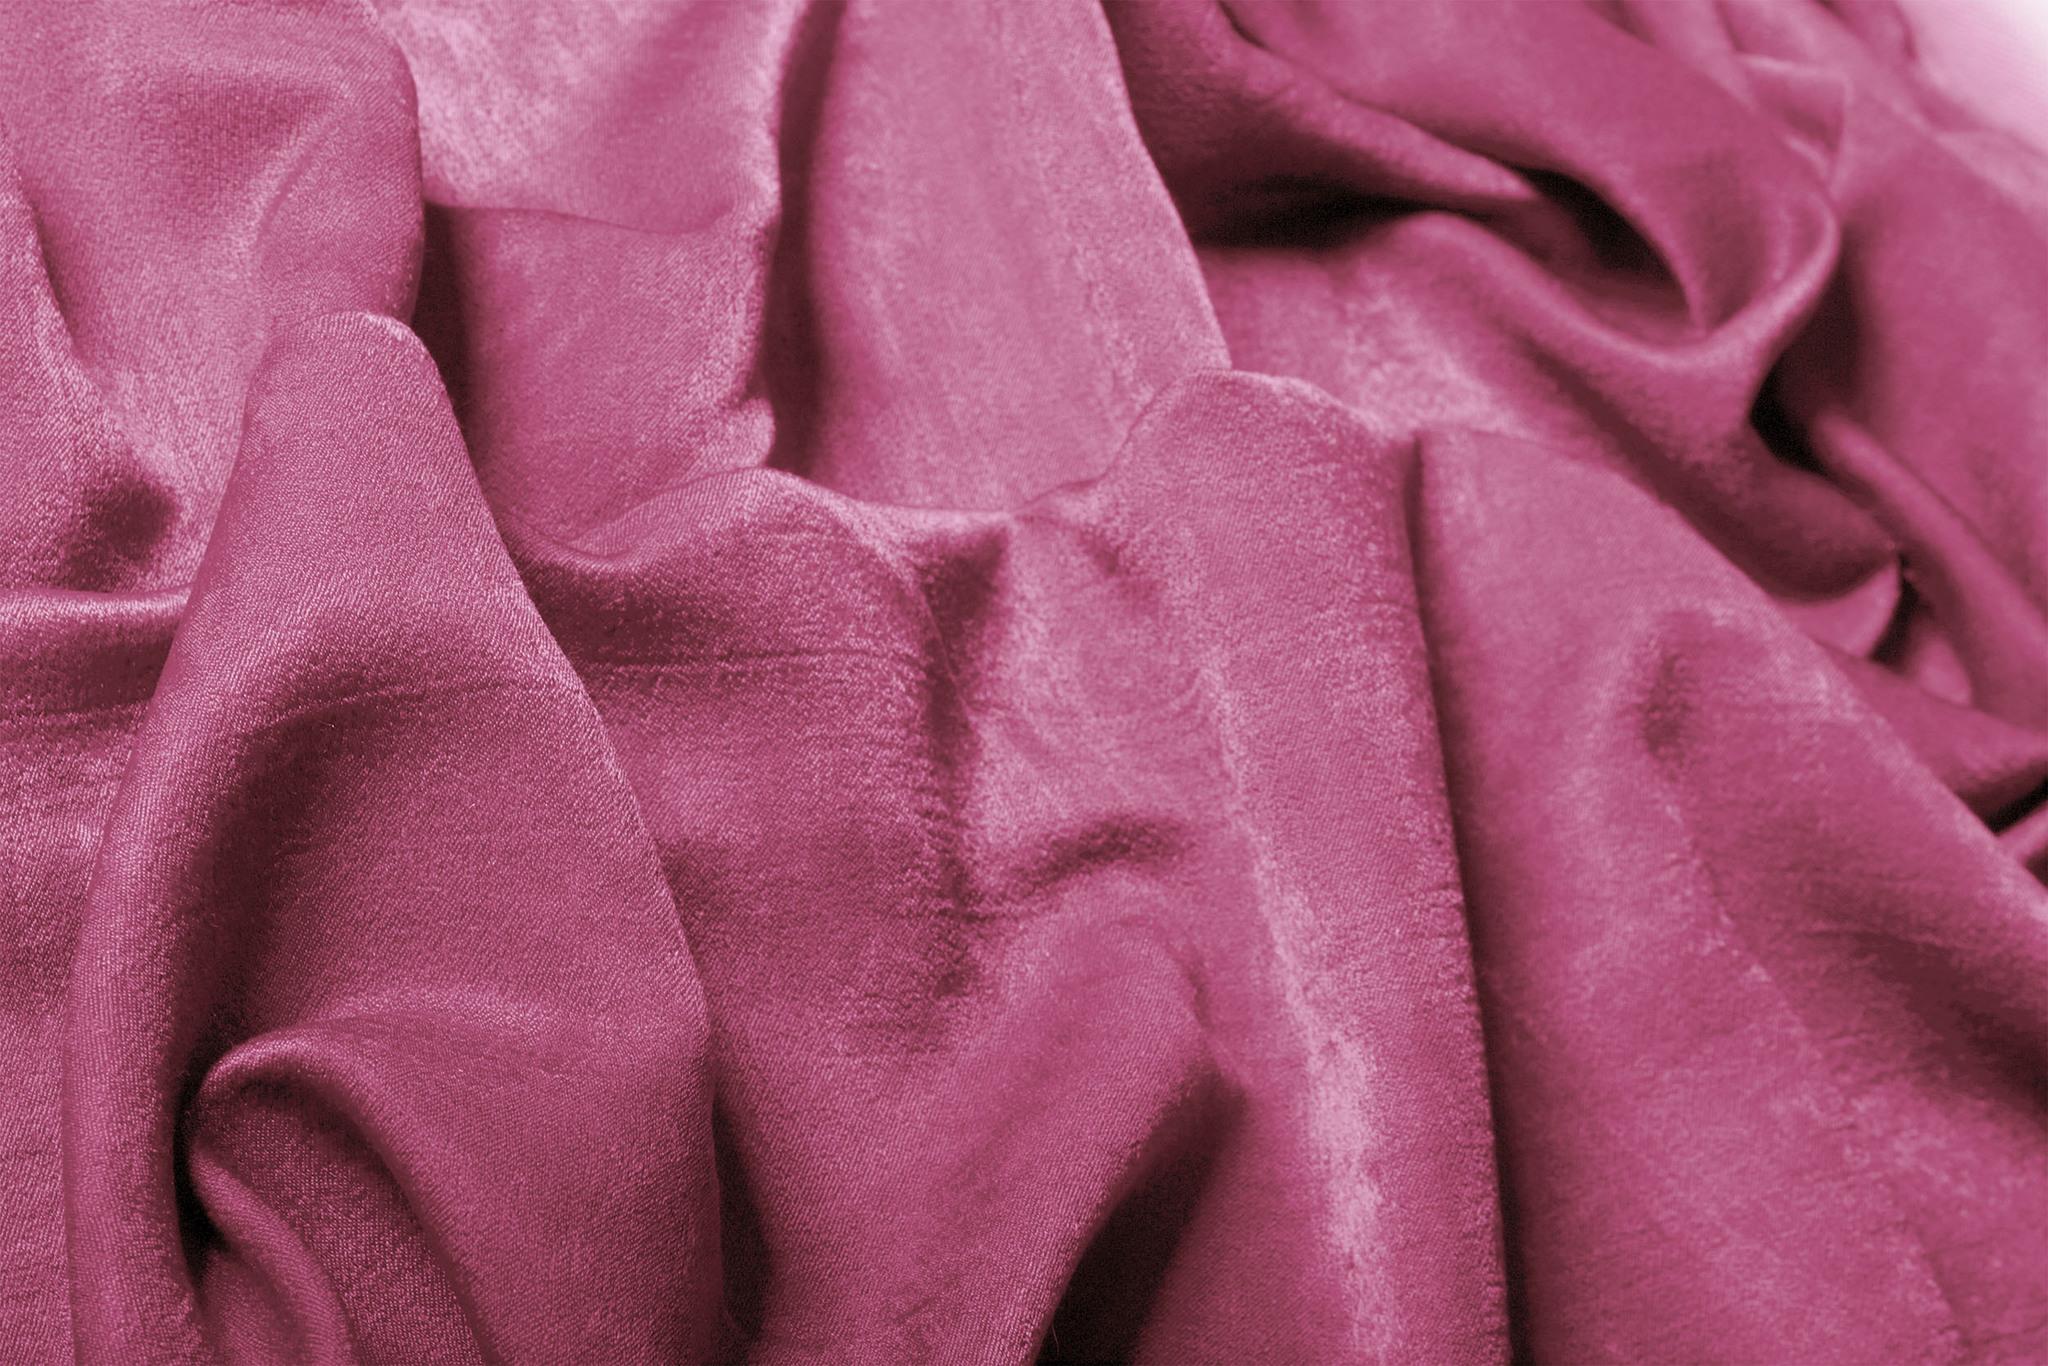 Suede (пыльная роза). Готовая штора - имитация замши